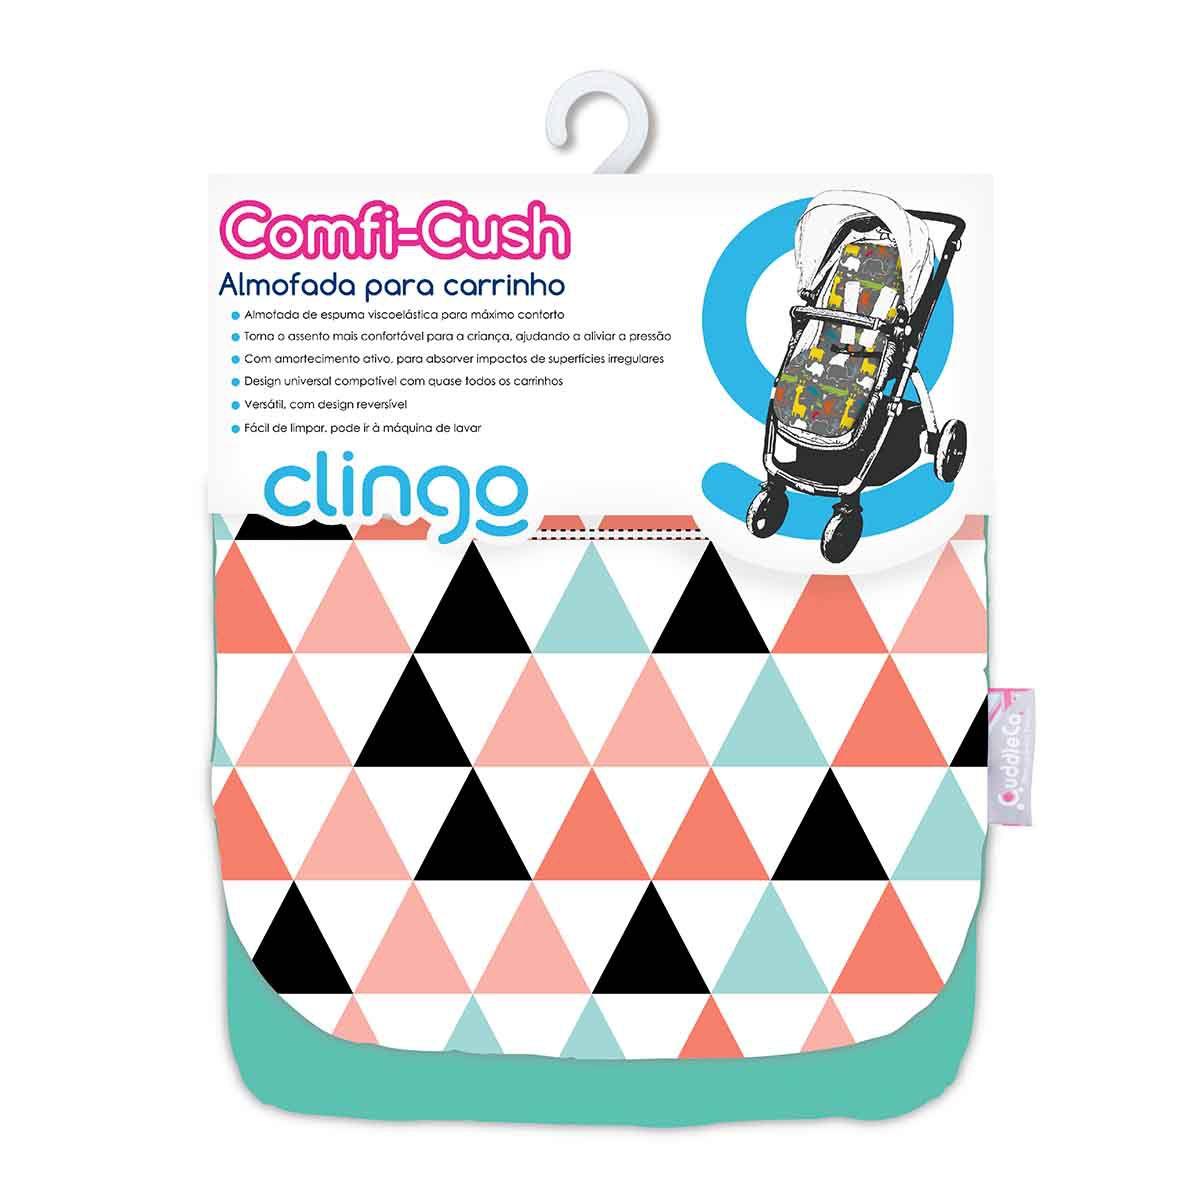 Almofada Carrinho Comfi Cush - Triangles - Clingo